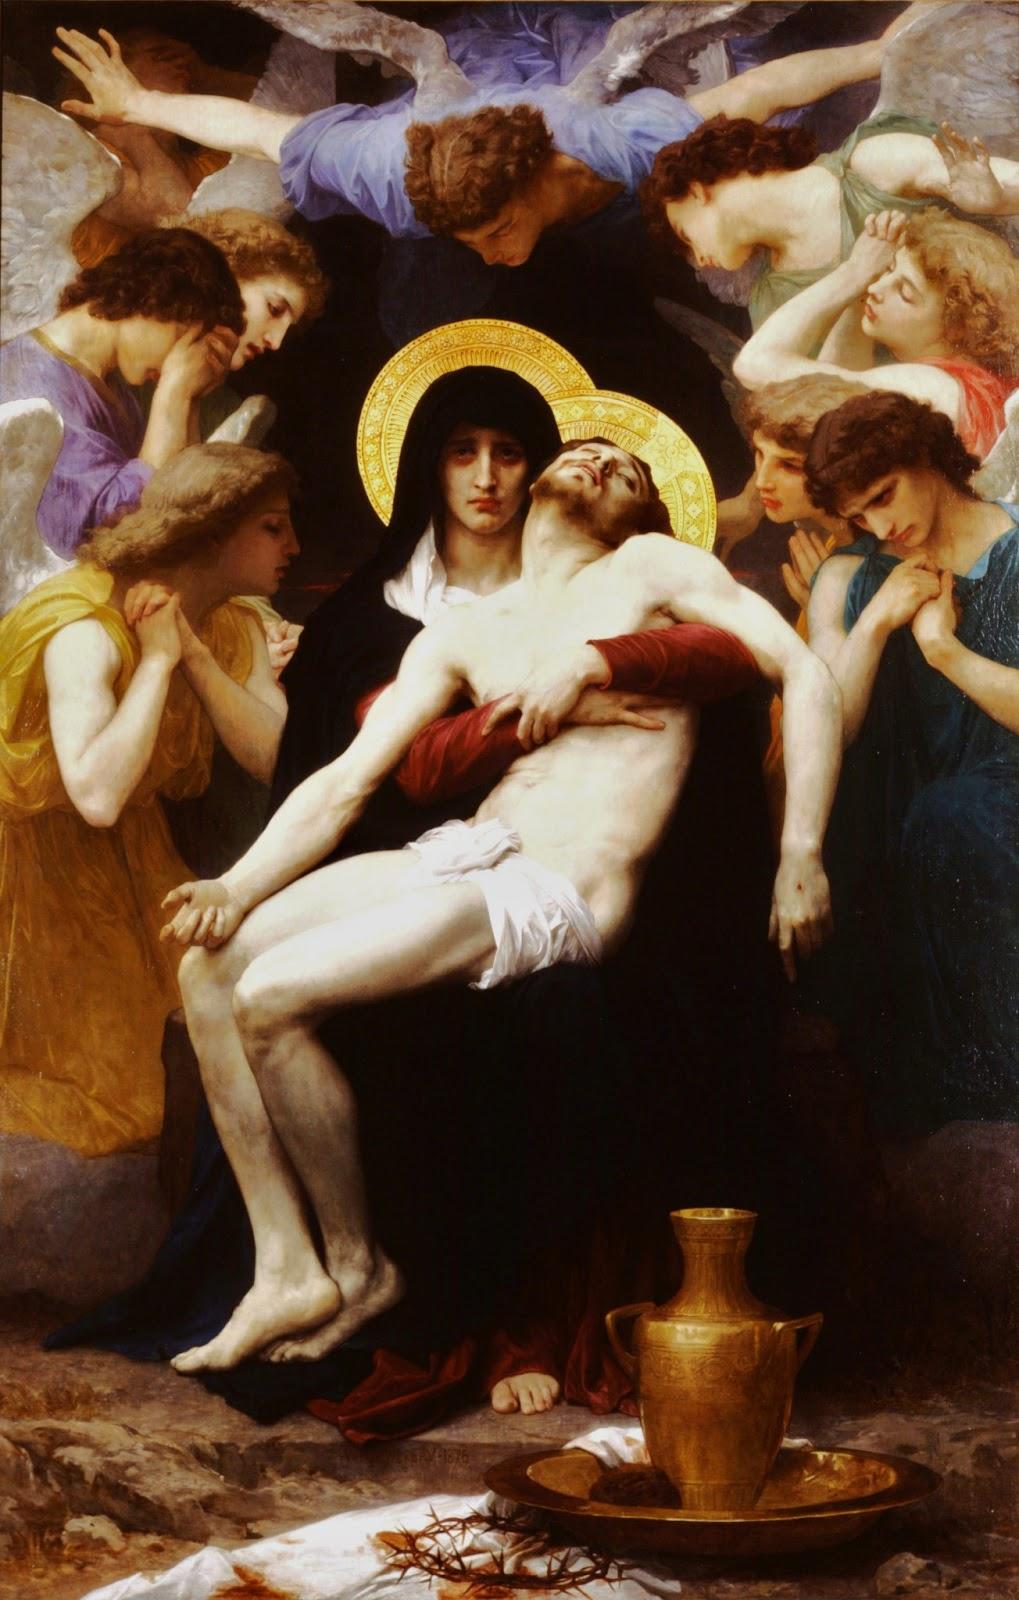 La Memoria del Arte: Piedad, de William Bouguereau